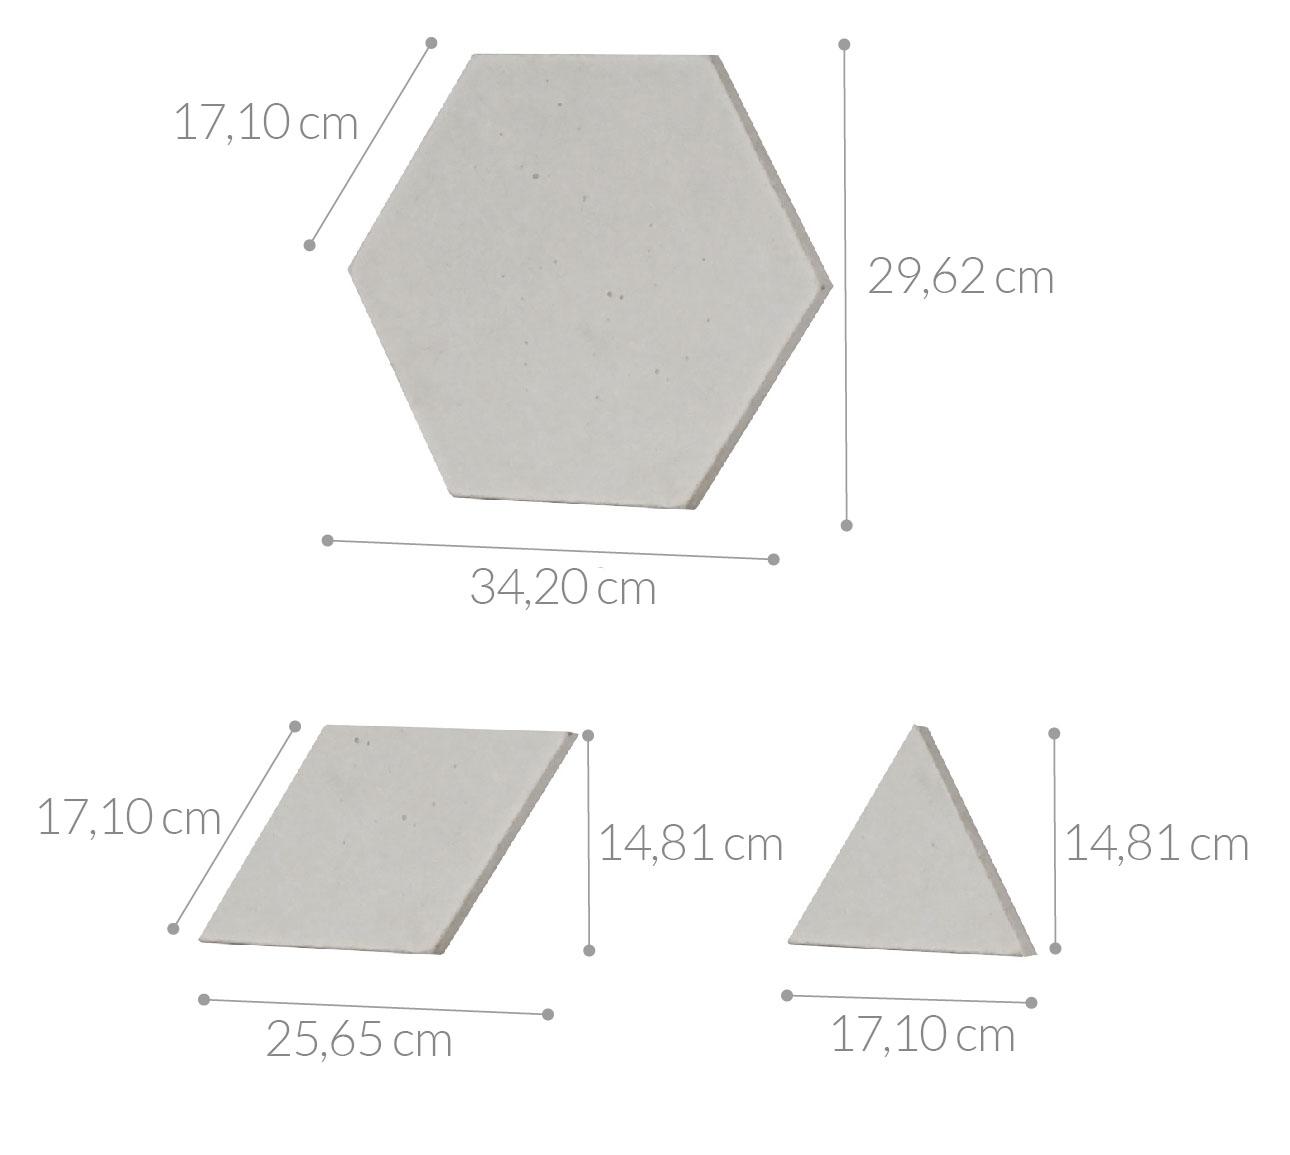 pÅytka beton produkt